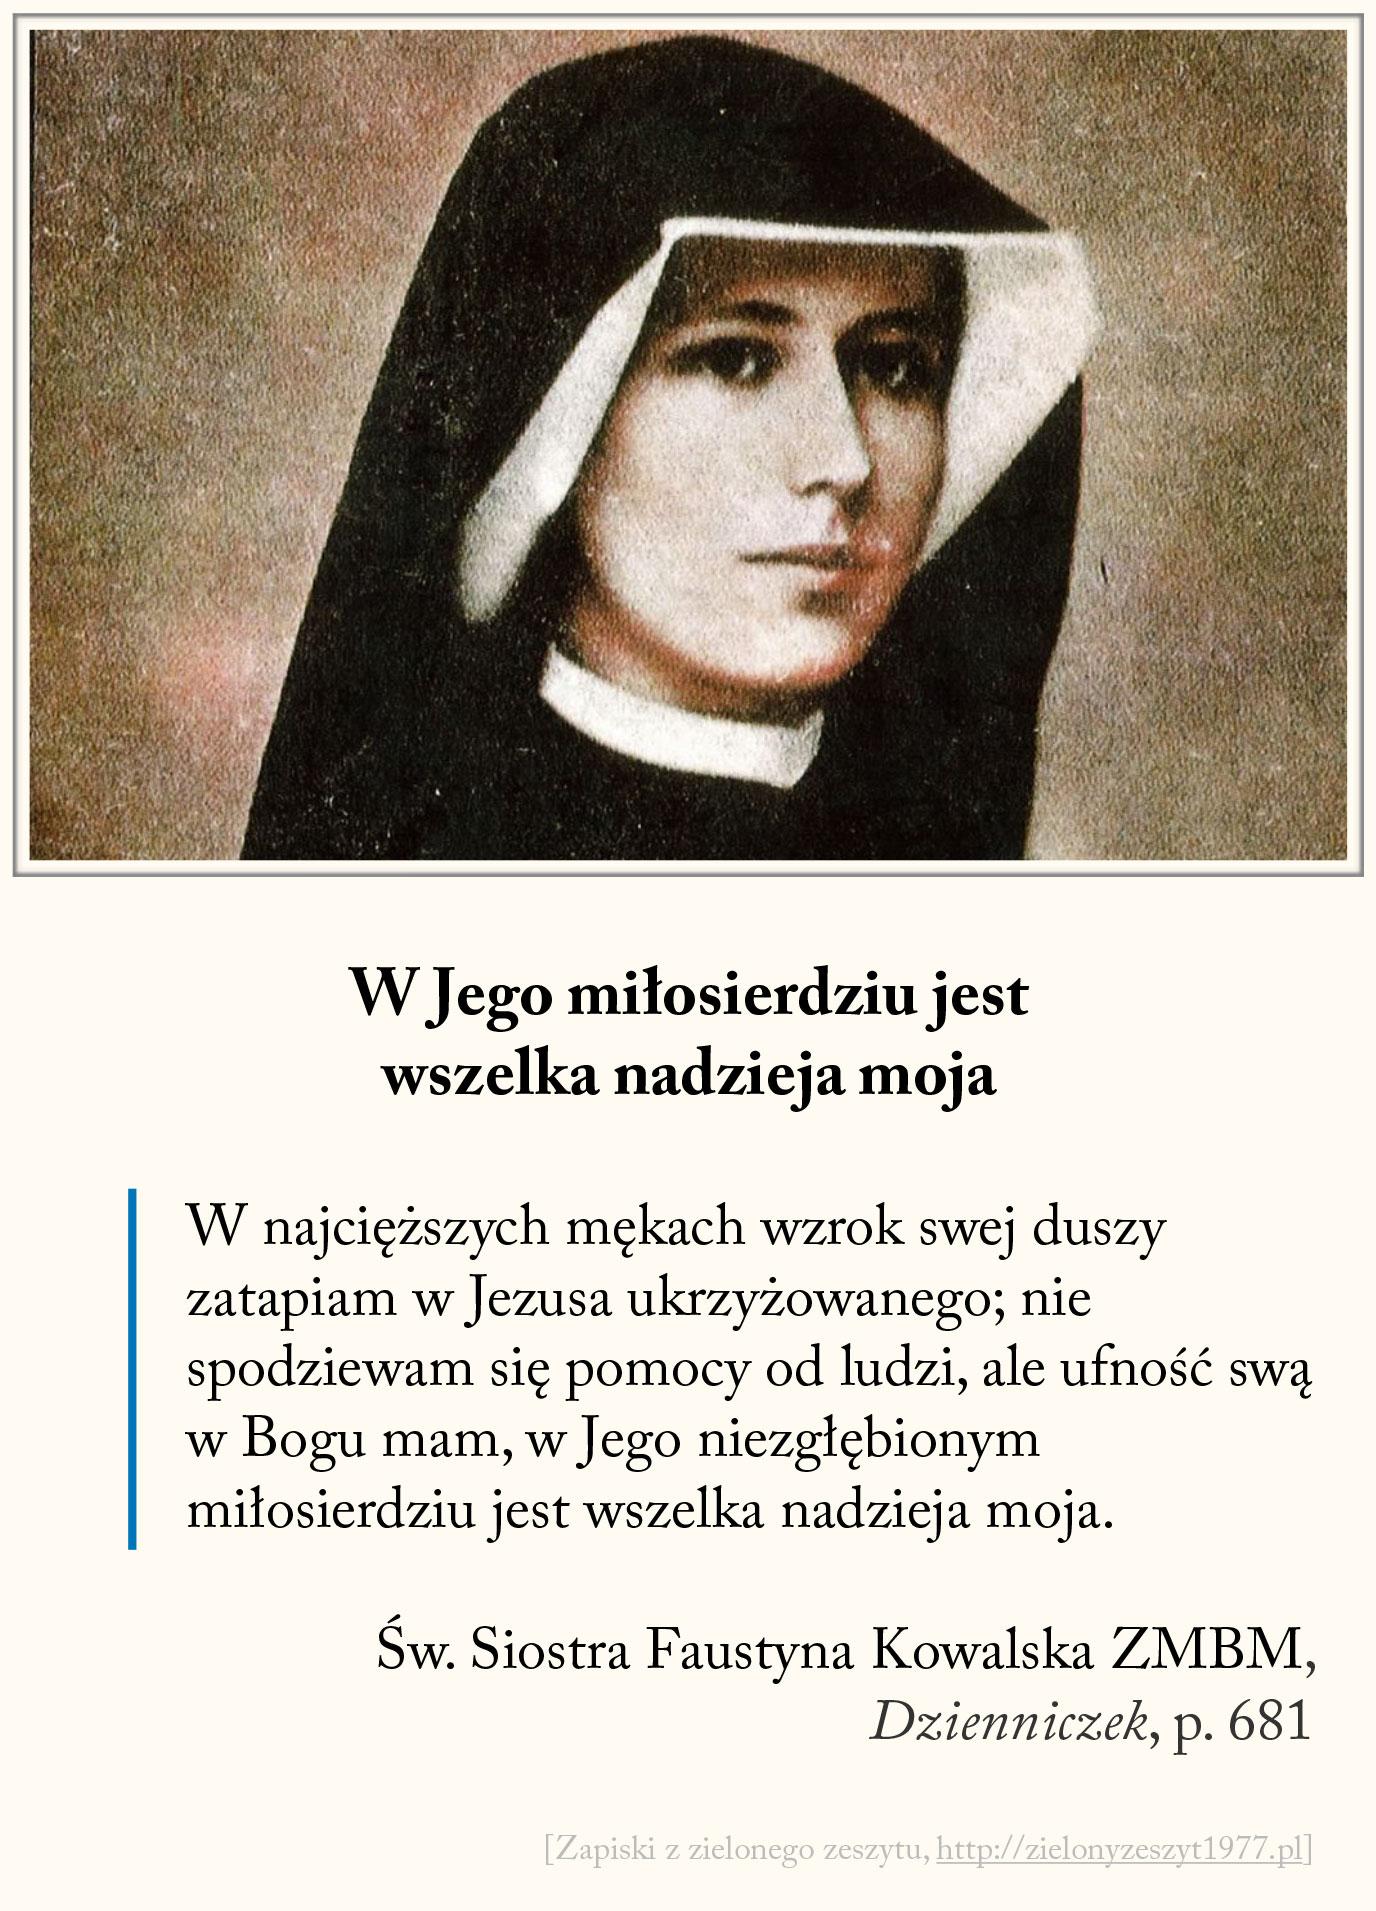 W Jego miłosierdziu jest wszelka nadzieja moja, św. Faustyna Kowalska